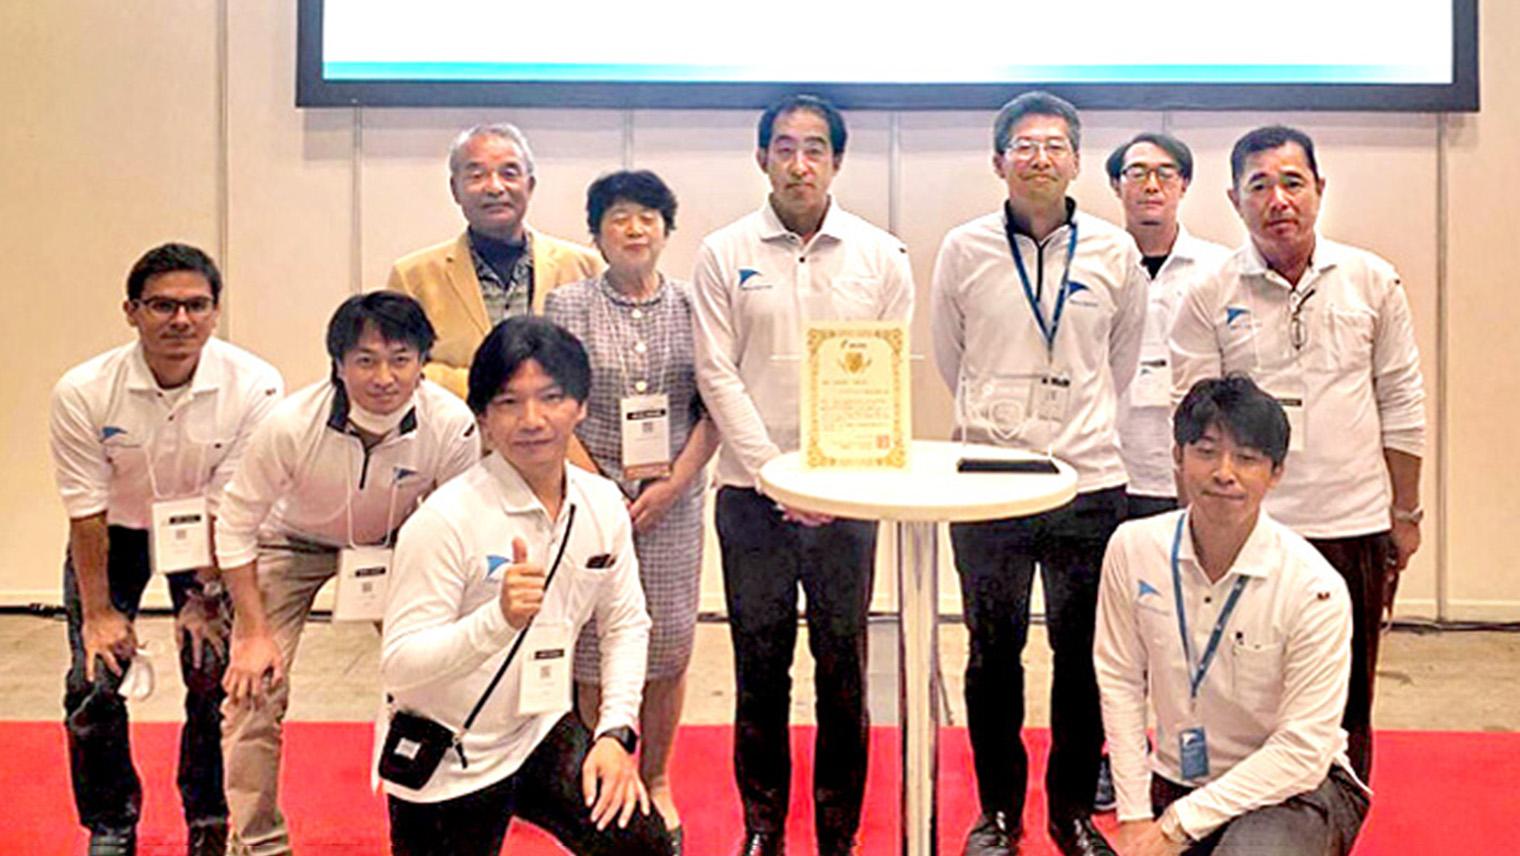 社員と協力者が表彰状を囲んで並んでいる写真